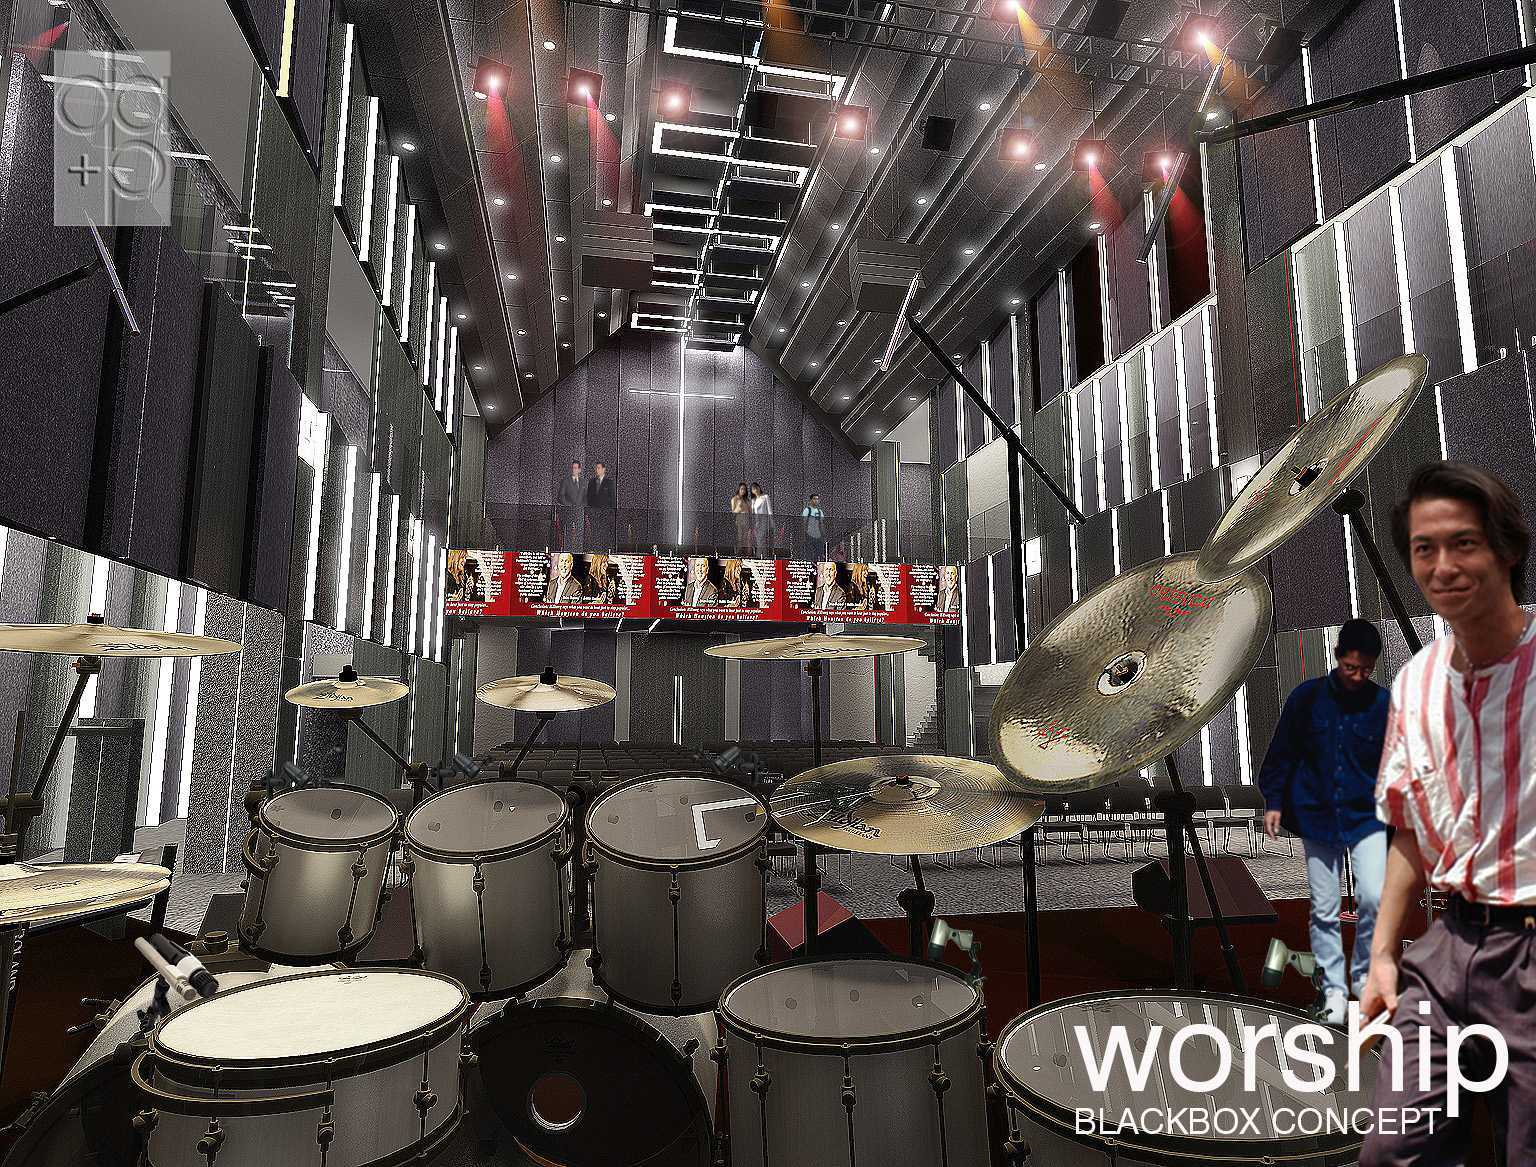 Rully Tanuwidjaja Worship Project Kuningan Bar., Mampang Prpt., Kota Jakarta Selatan, Daerah Khusus Ibukota Jakarta, Indonesia  On Stage View Kontemporer  48550